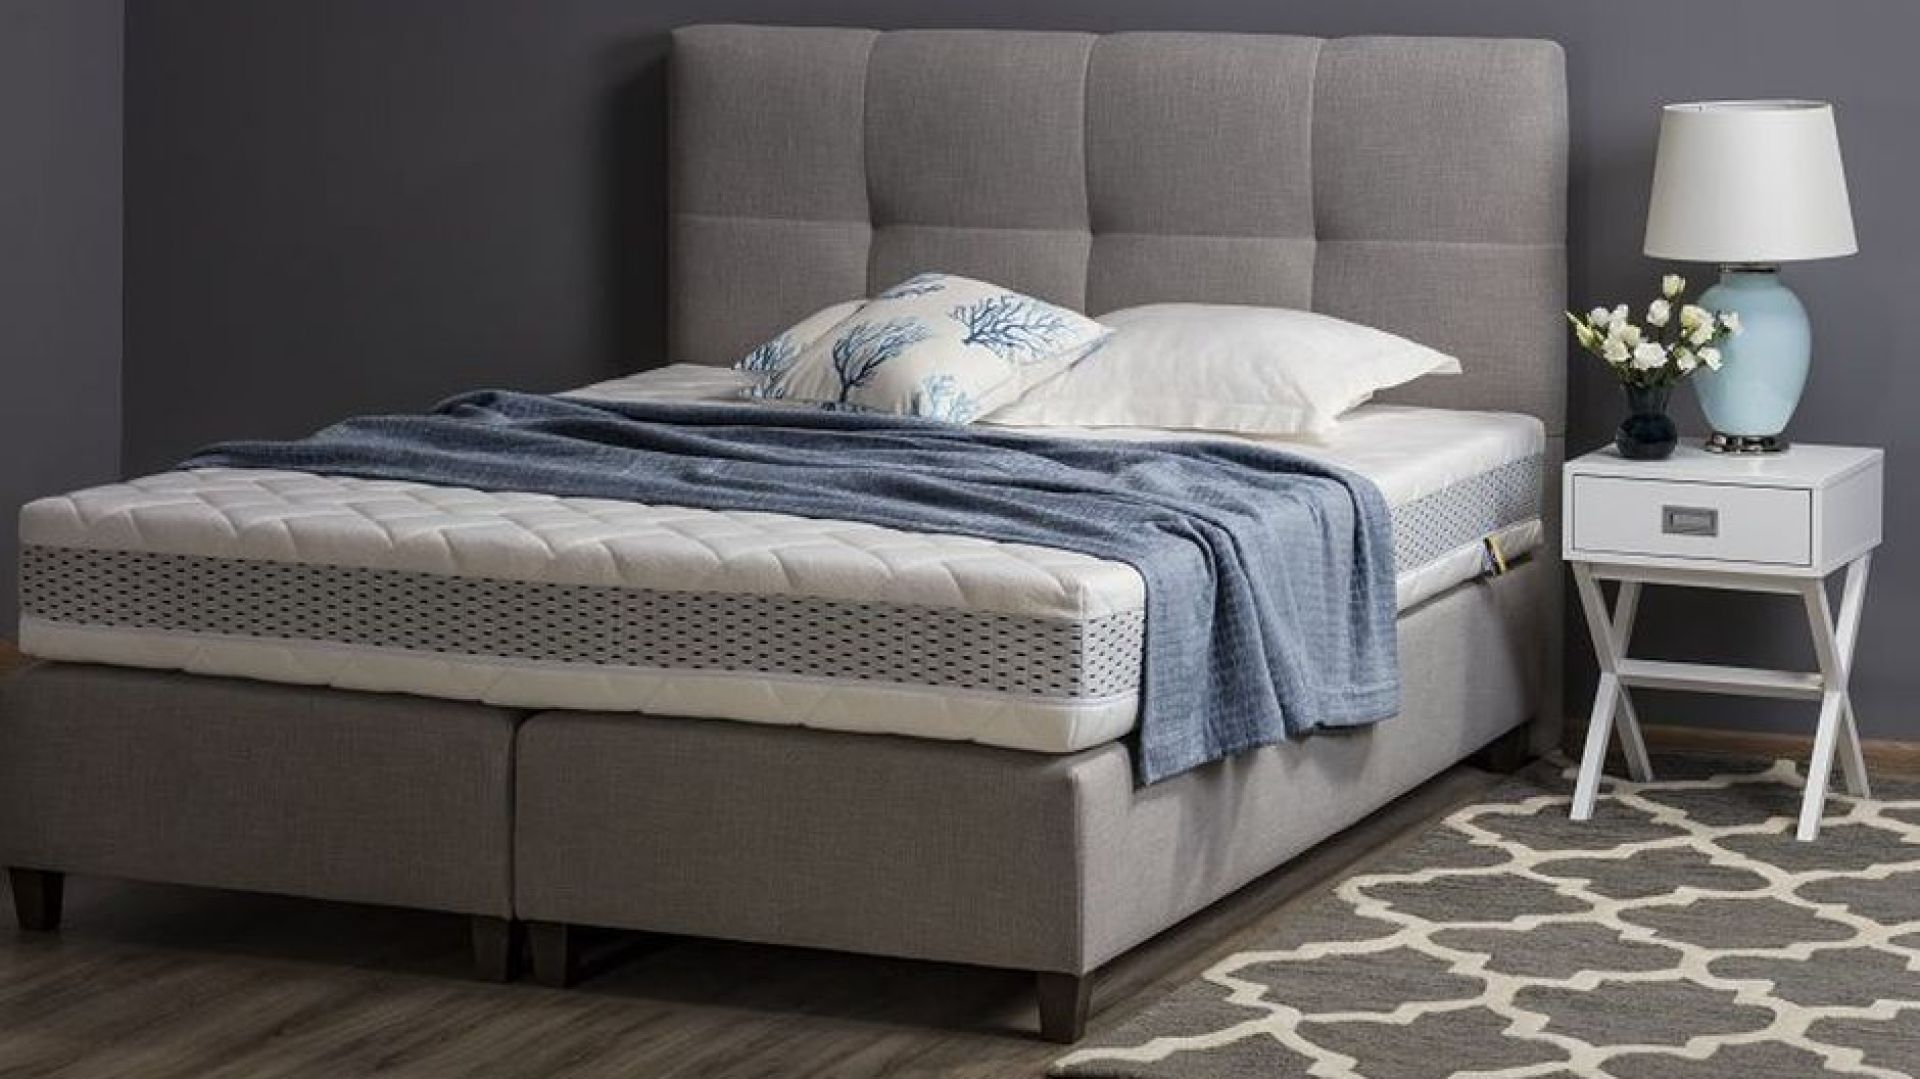 Przytulna Sypialnia Podstawy Dobrego Snu